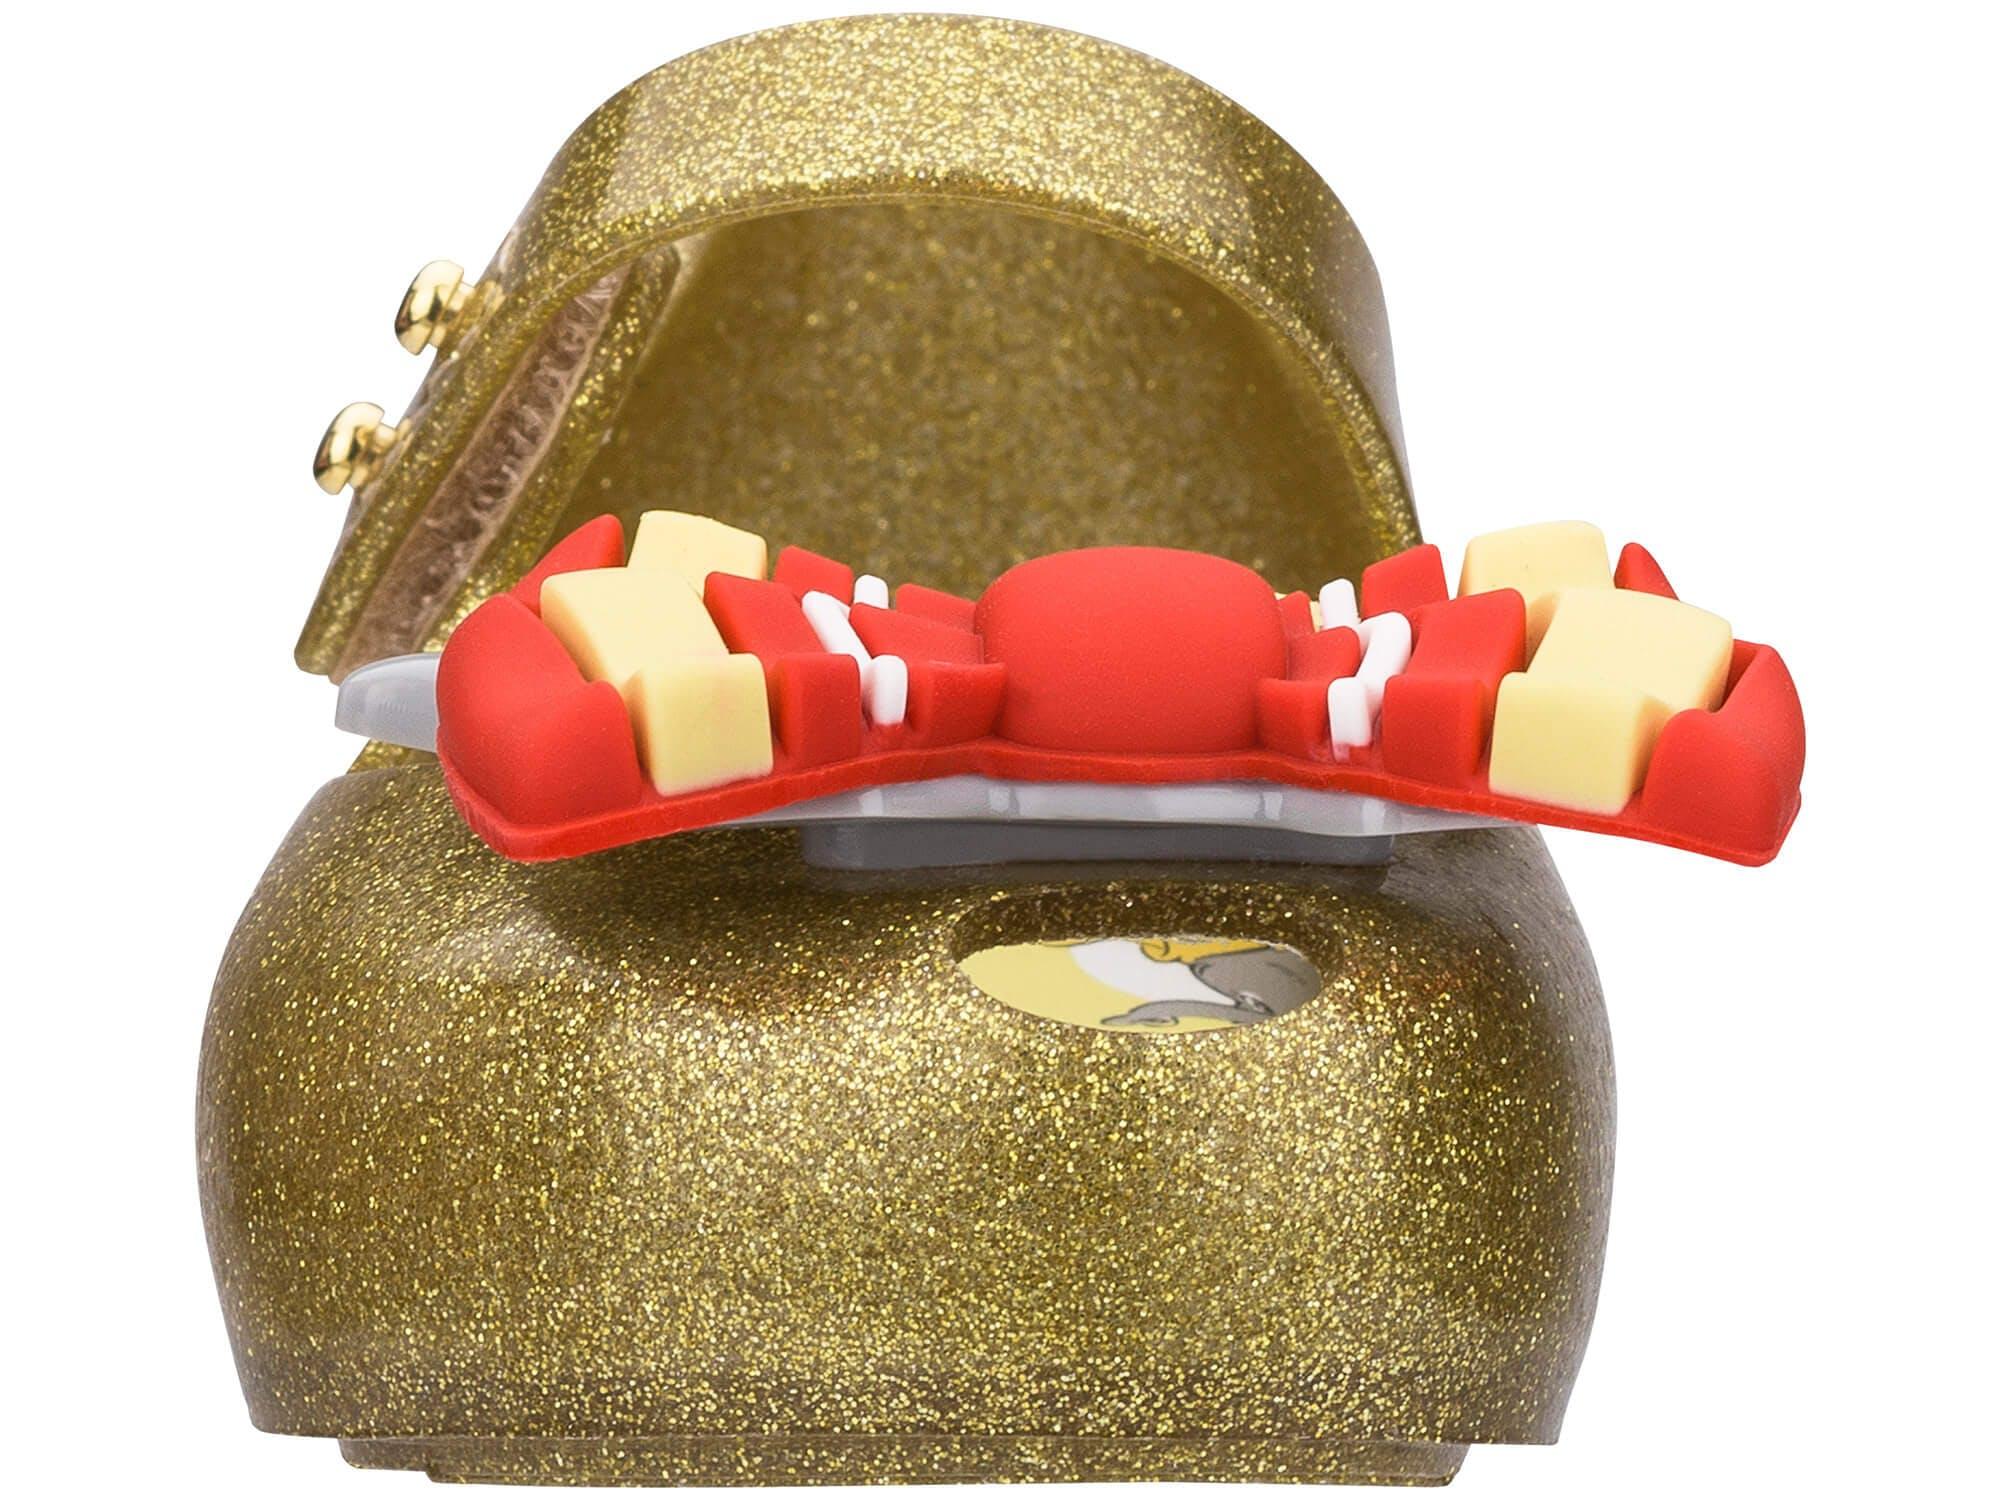 Mini Melissa Ultragirl Dumbo Vidro Glitter Ouro